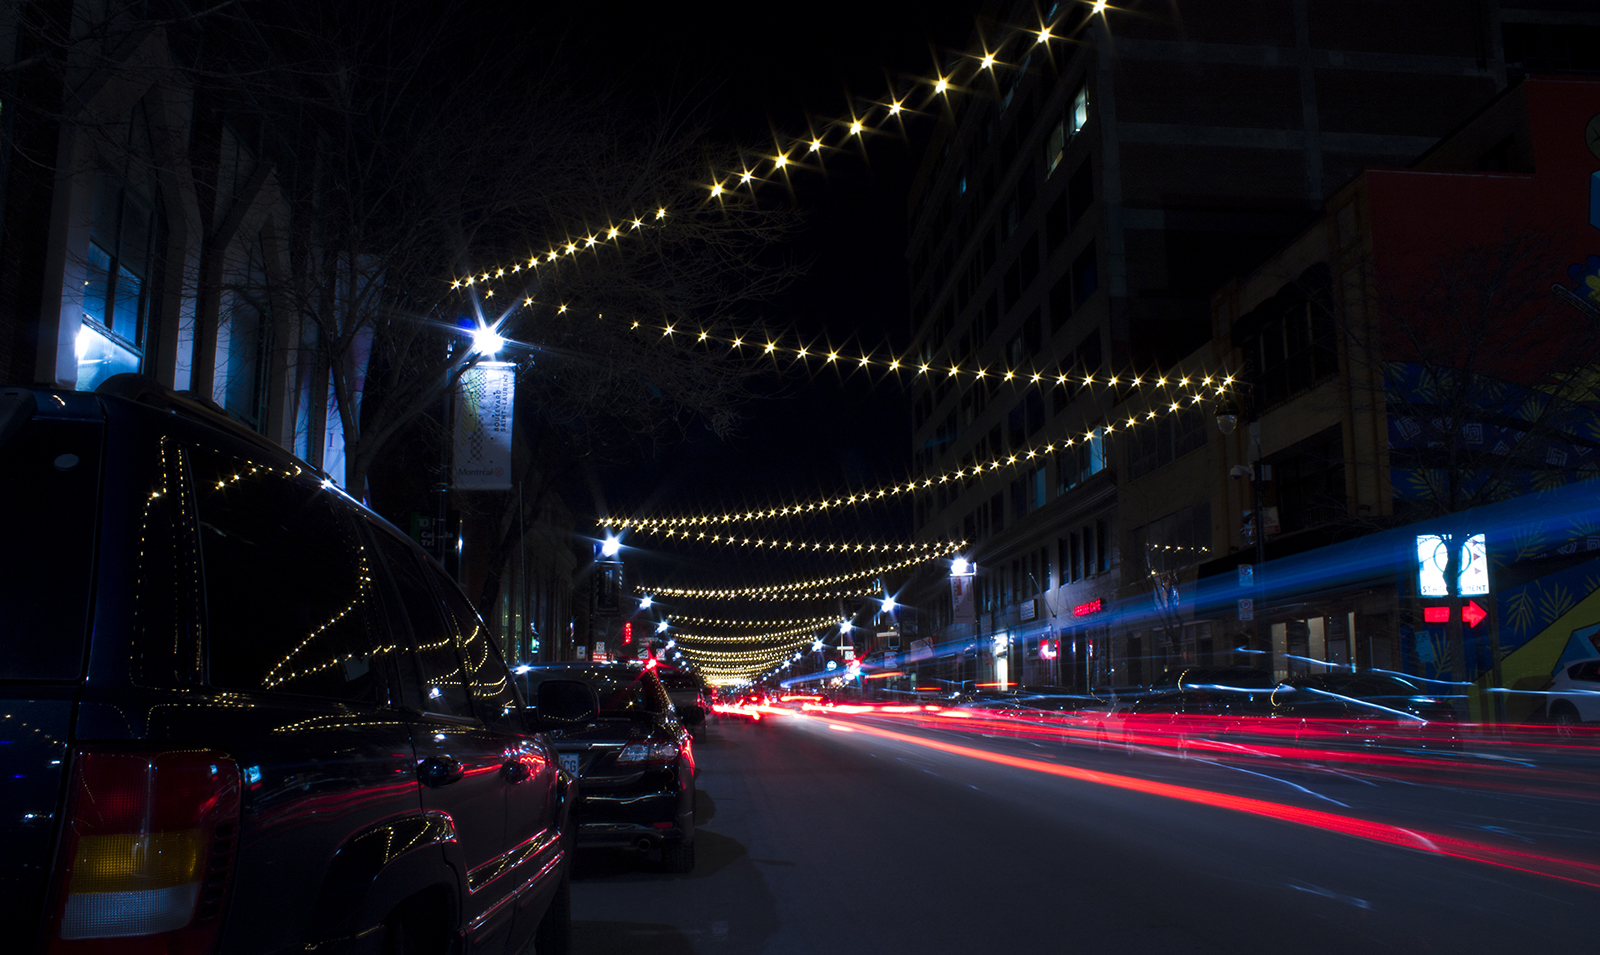 Comment peut-on réduire la circulation automobile dans les zones urbaines?